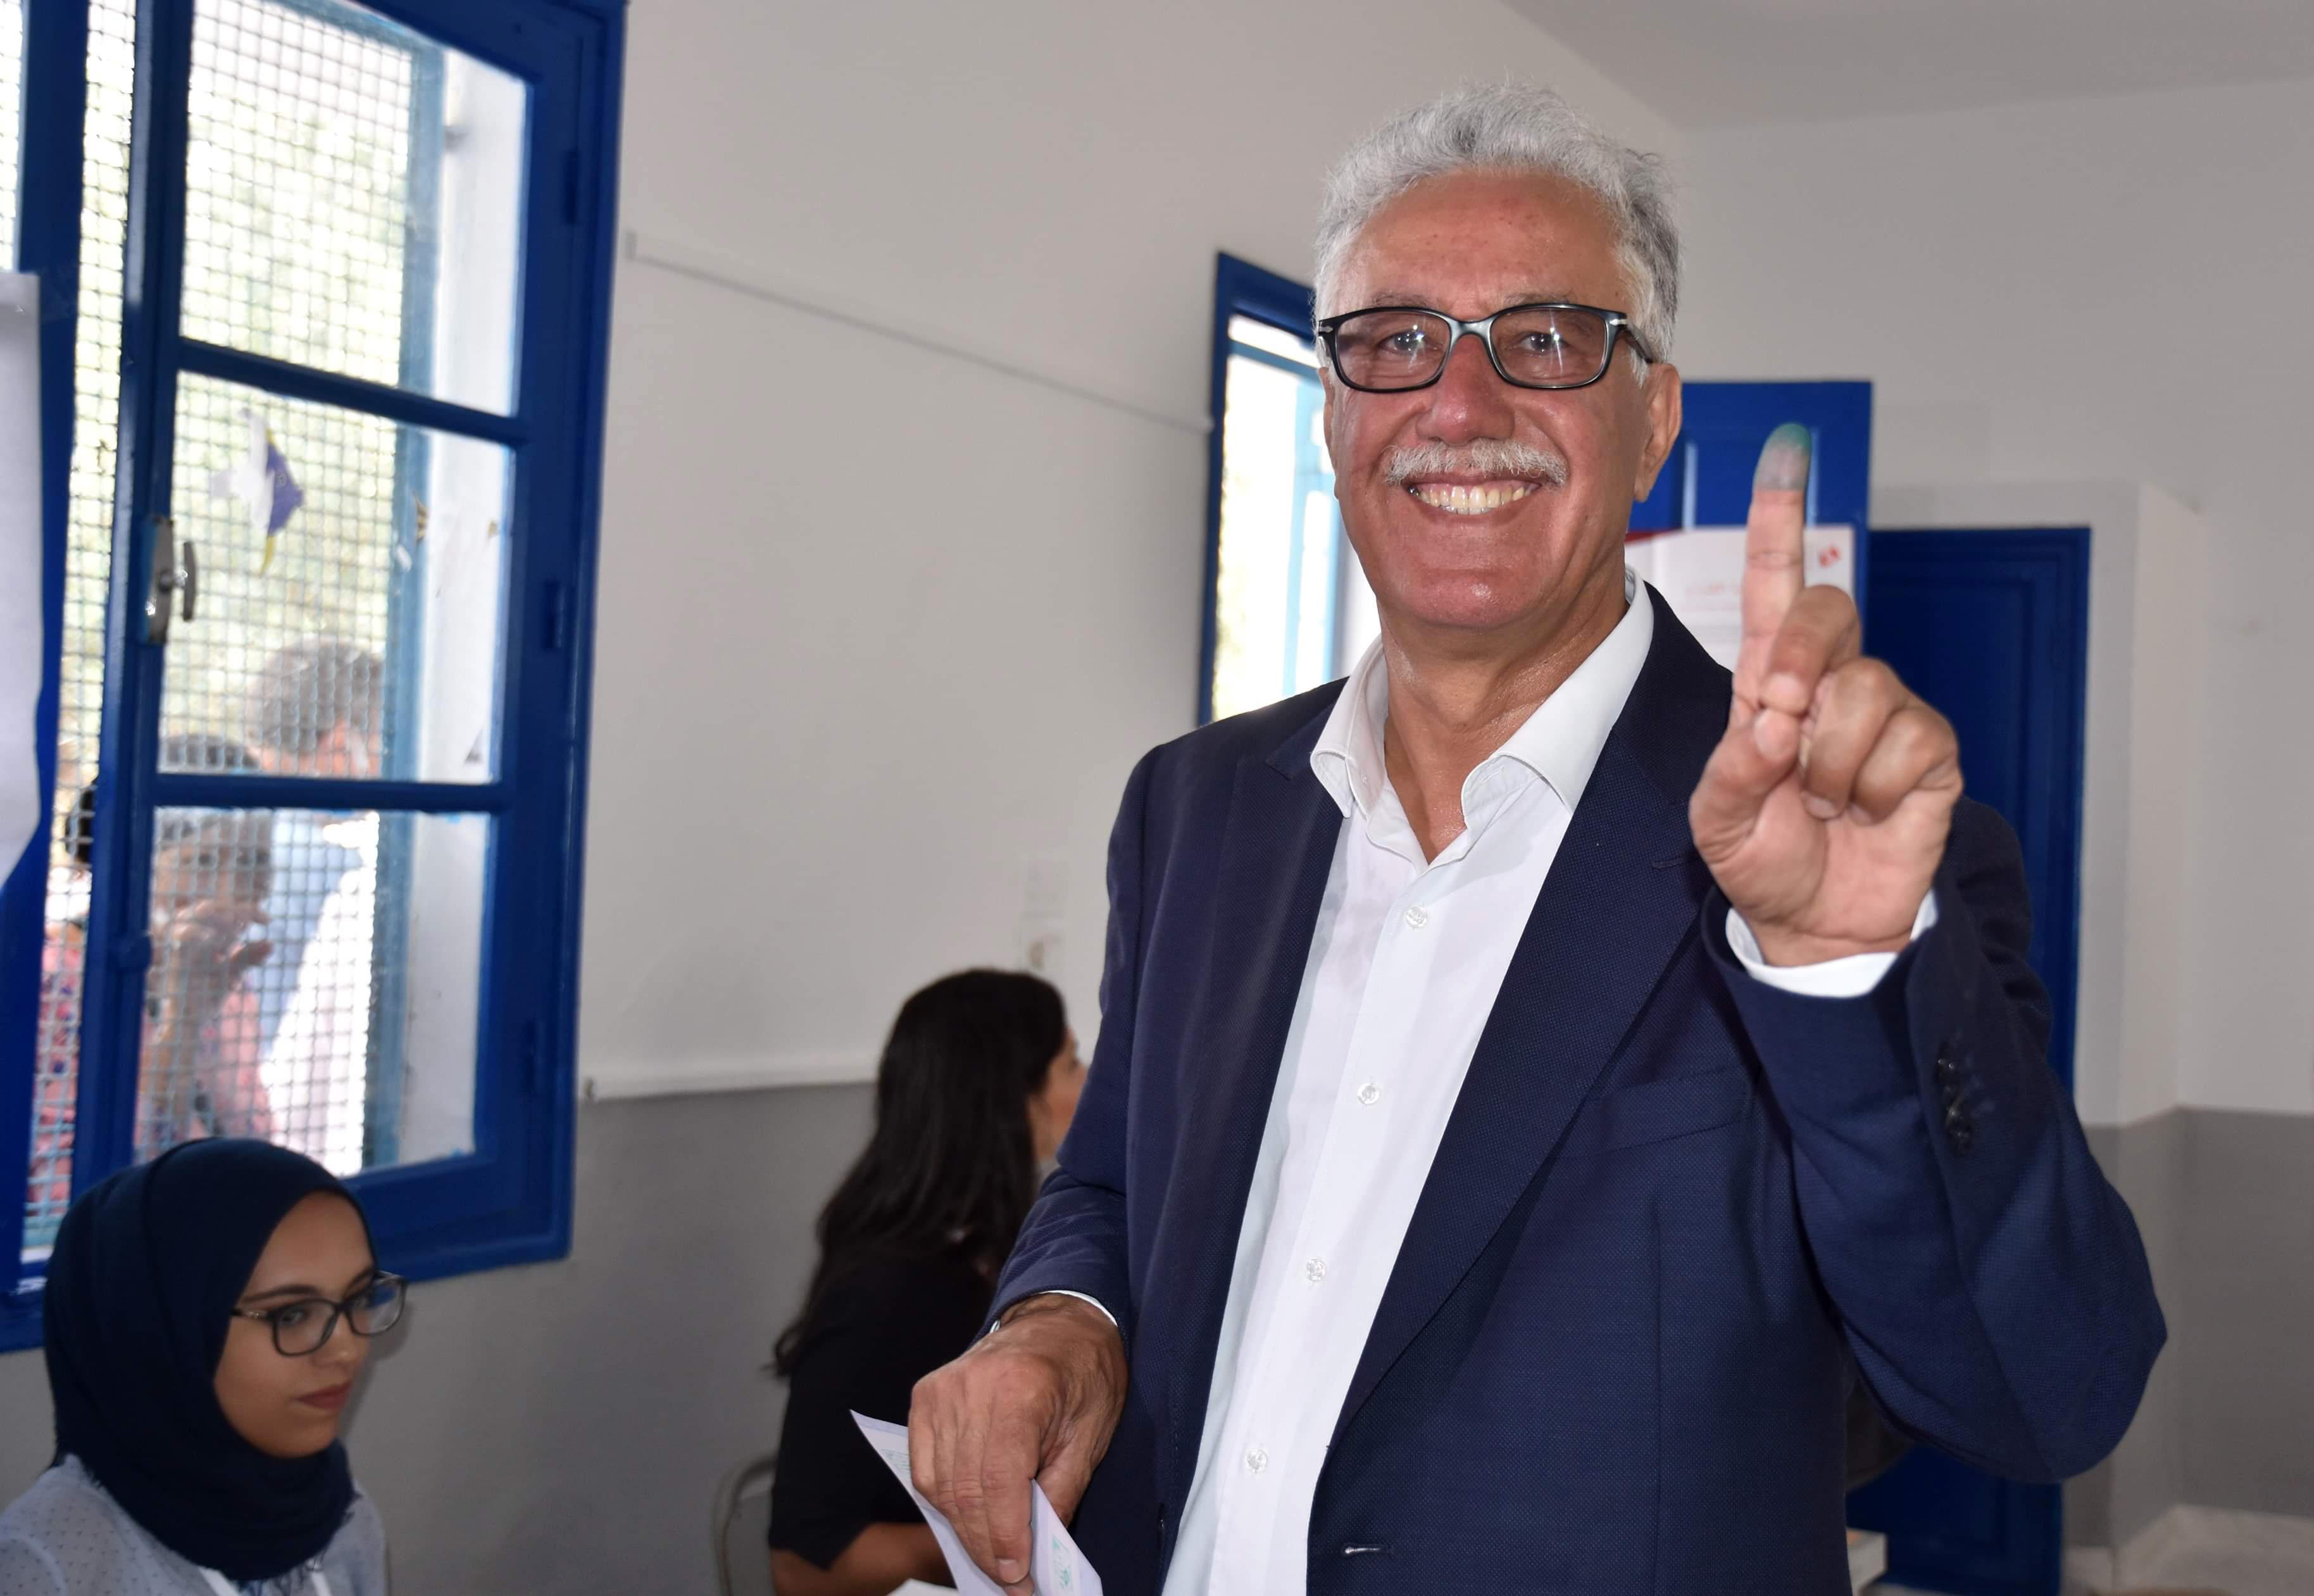 حمة الهمامي (67 عاما) مرشح مستقل للانتخابات الرئاسية التونسية